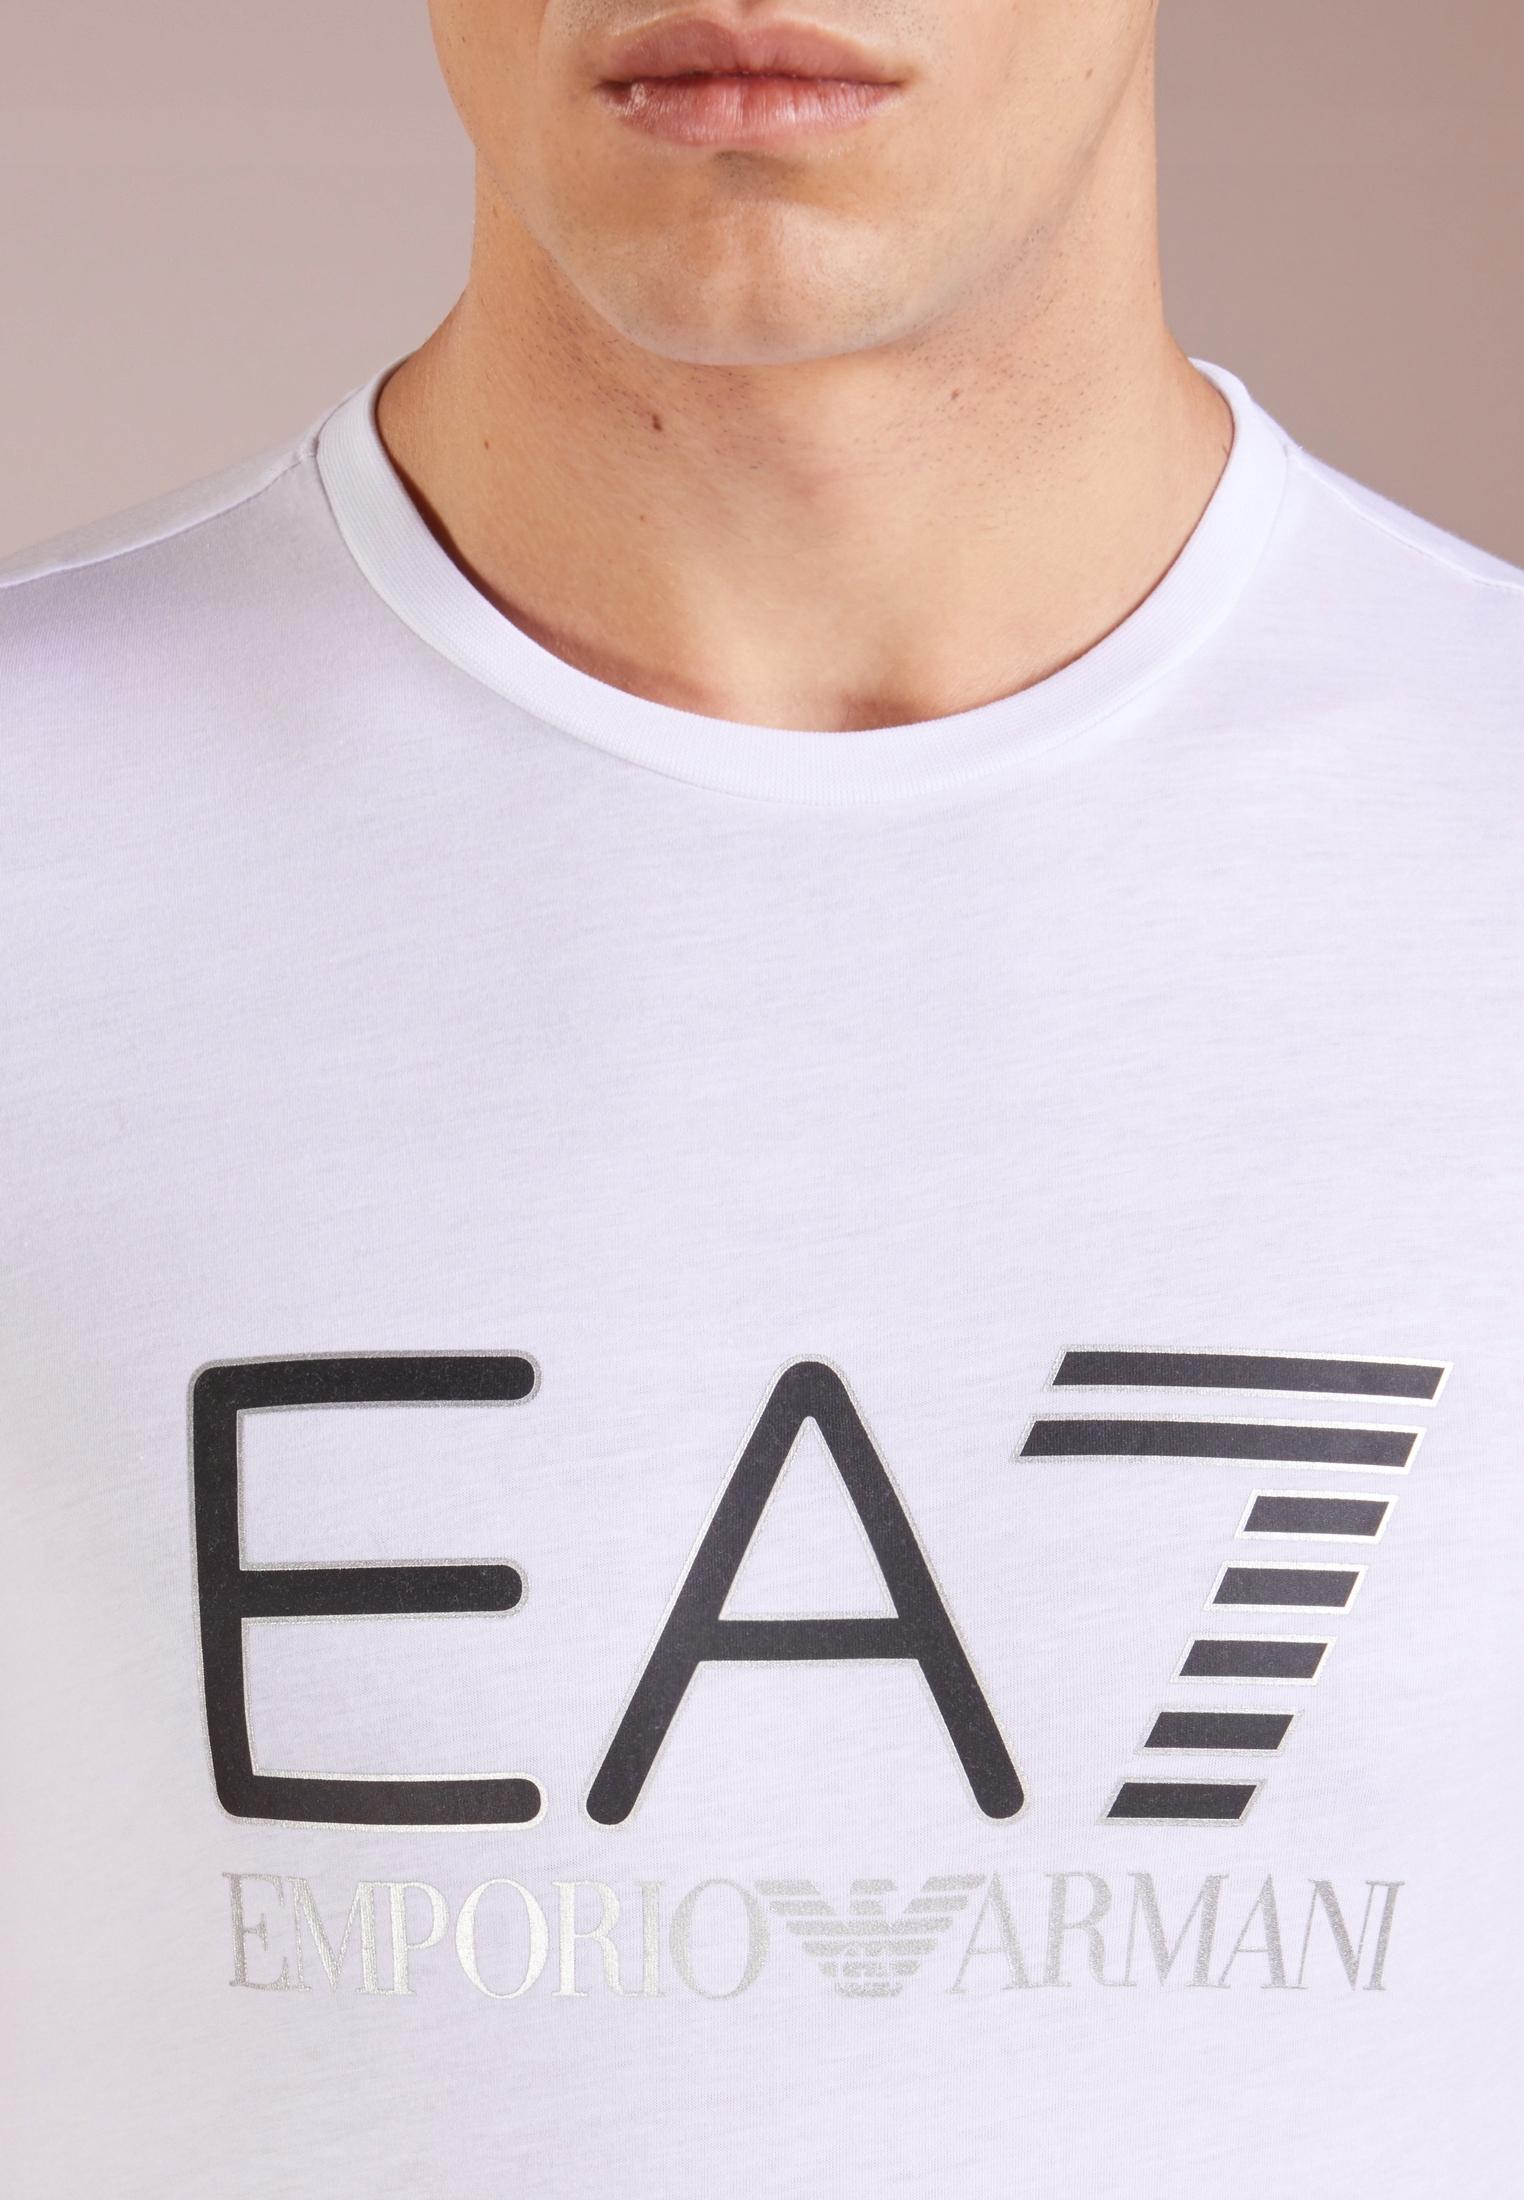 Emporio Armani EA7 JEANS MĘSKA KOSZULKA T-SHIRT M